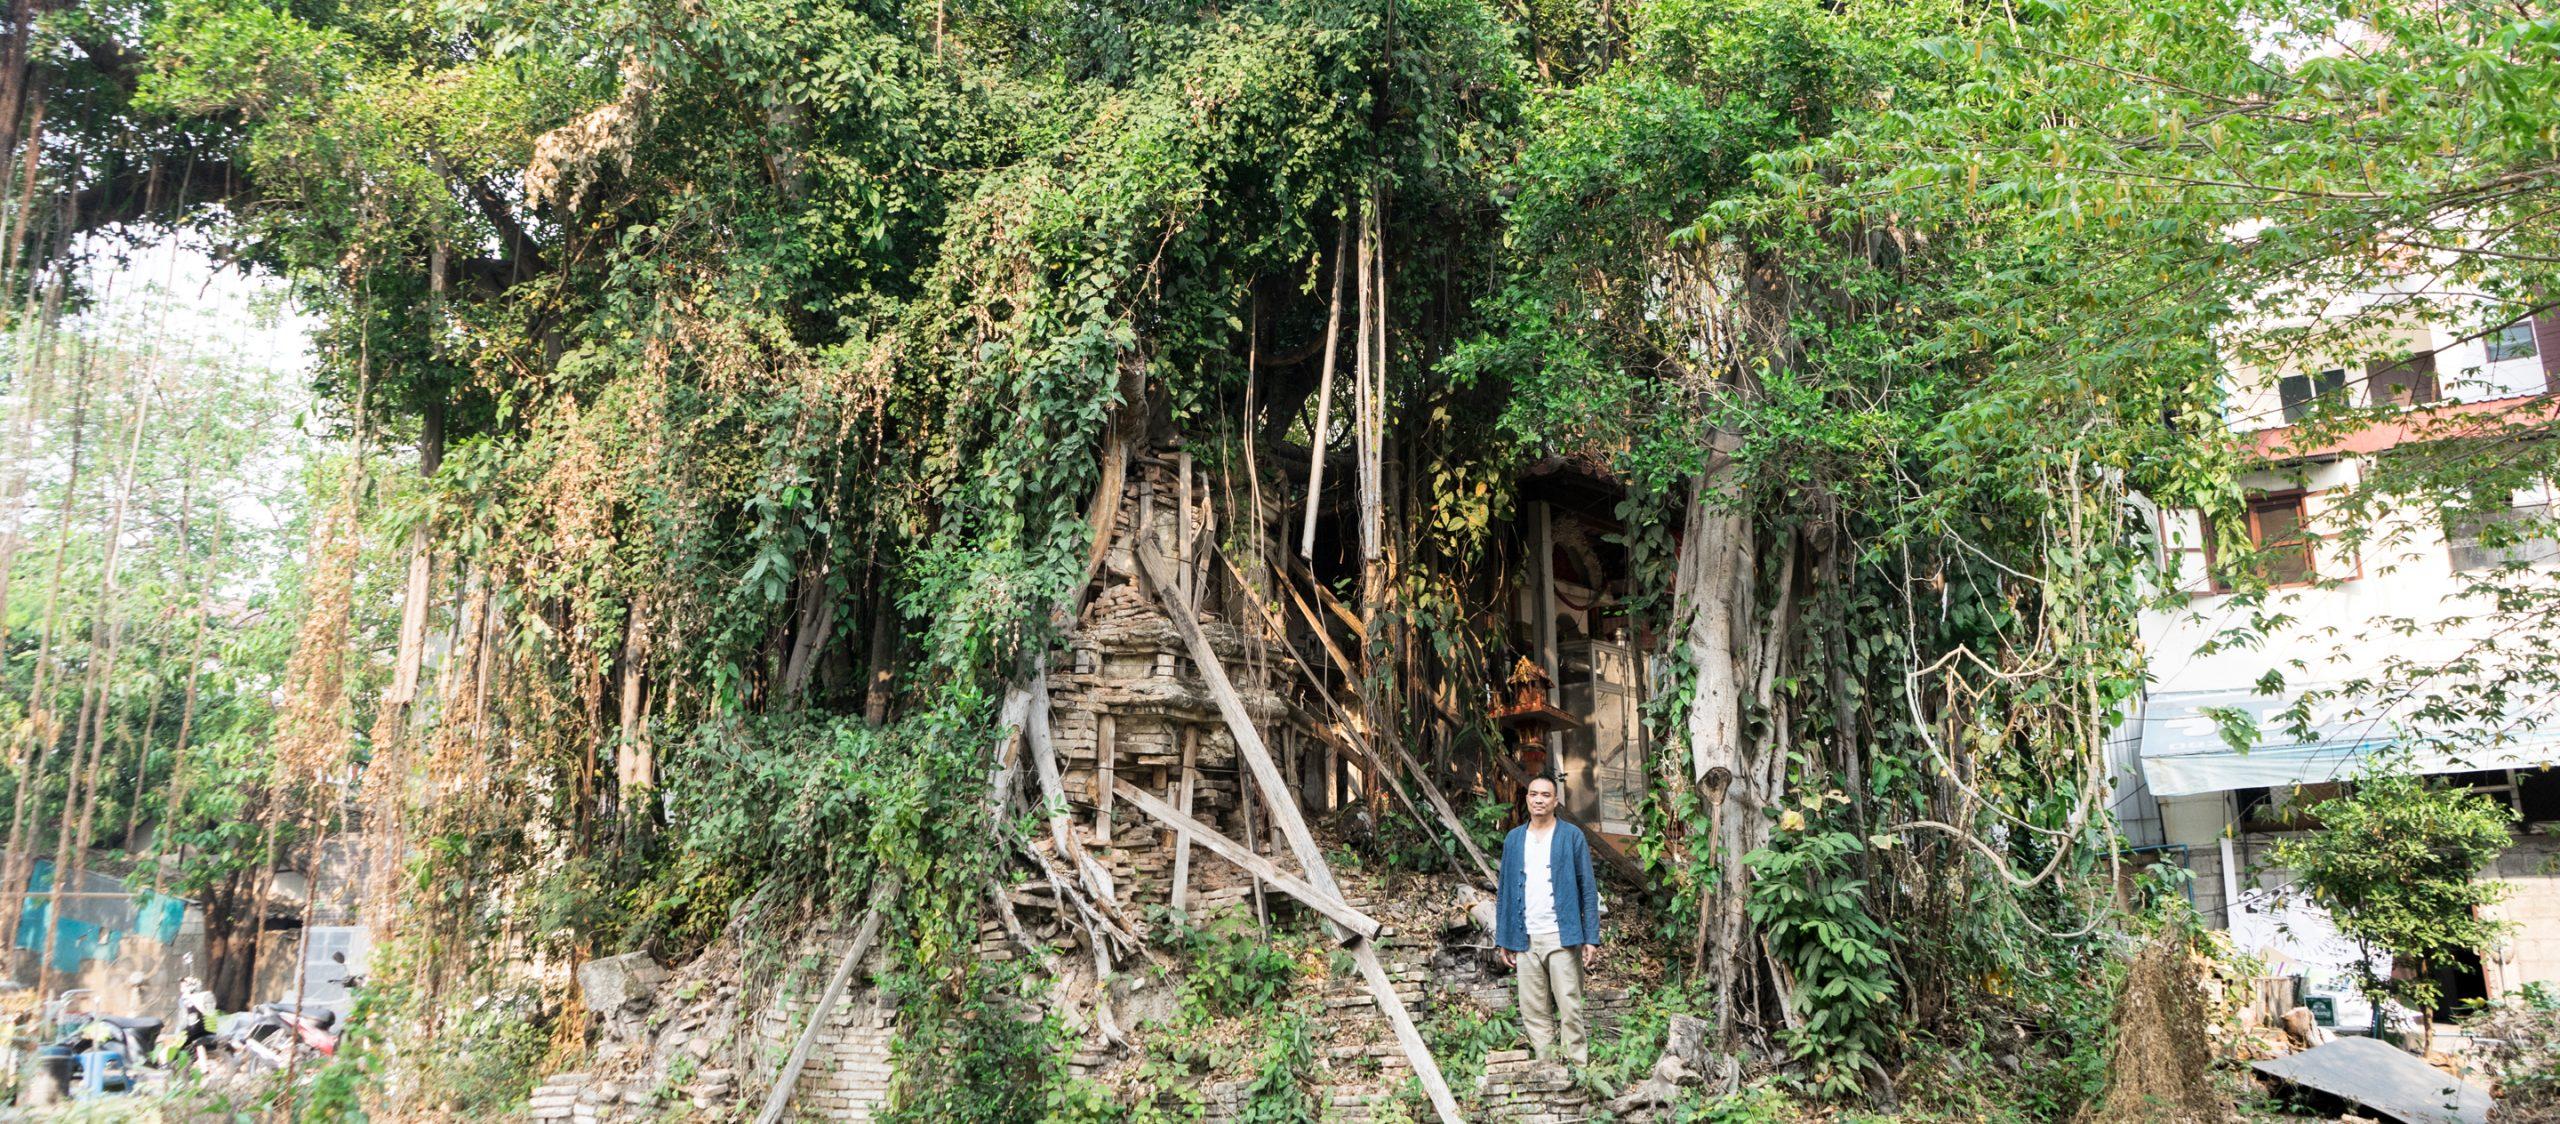 คุยกับอาจารย์ภูมิสถาปัตย์ผู้ใช้ 'ต้นไม้ศักดิ์สิทธิ์' ผลักเชียงใหม่เป็นเมืองมรดกโลก